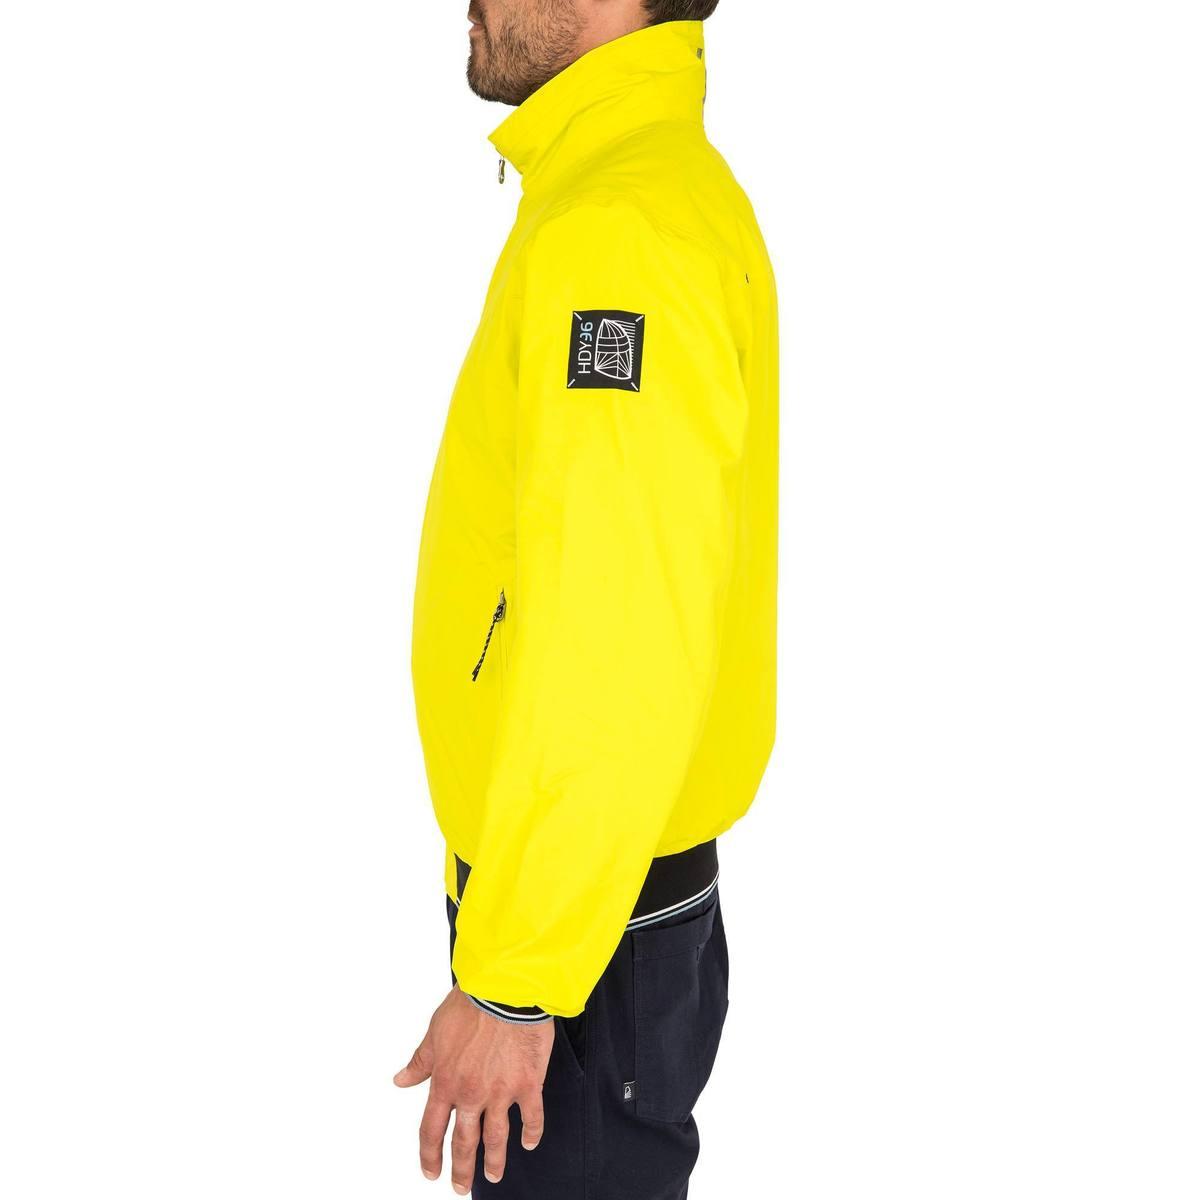 Bild 3 von Segeljacke Blouson Race 100 Herren gelb